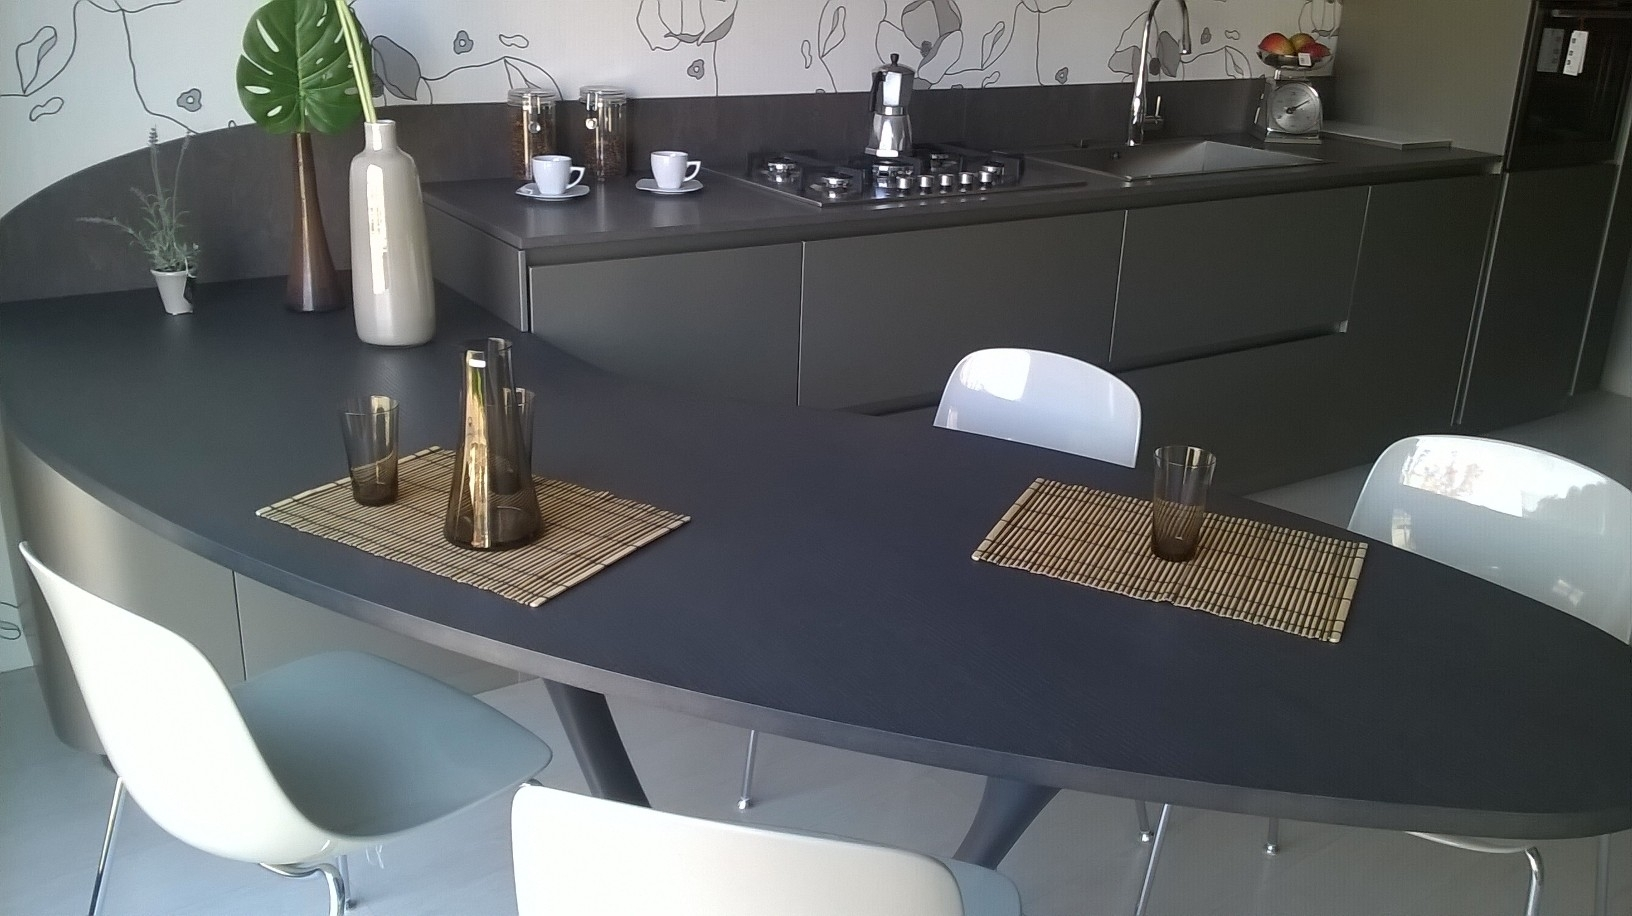 Cucina snaidero ola 20 design laccato opaco grigio - Cucine snaidero outlet ...